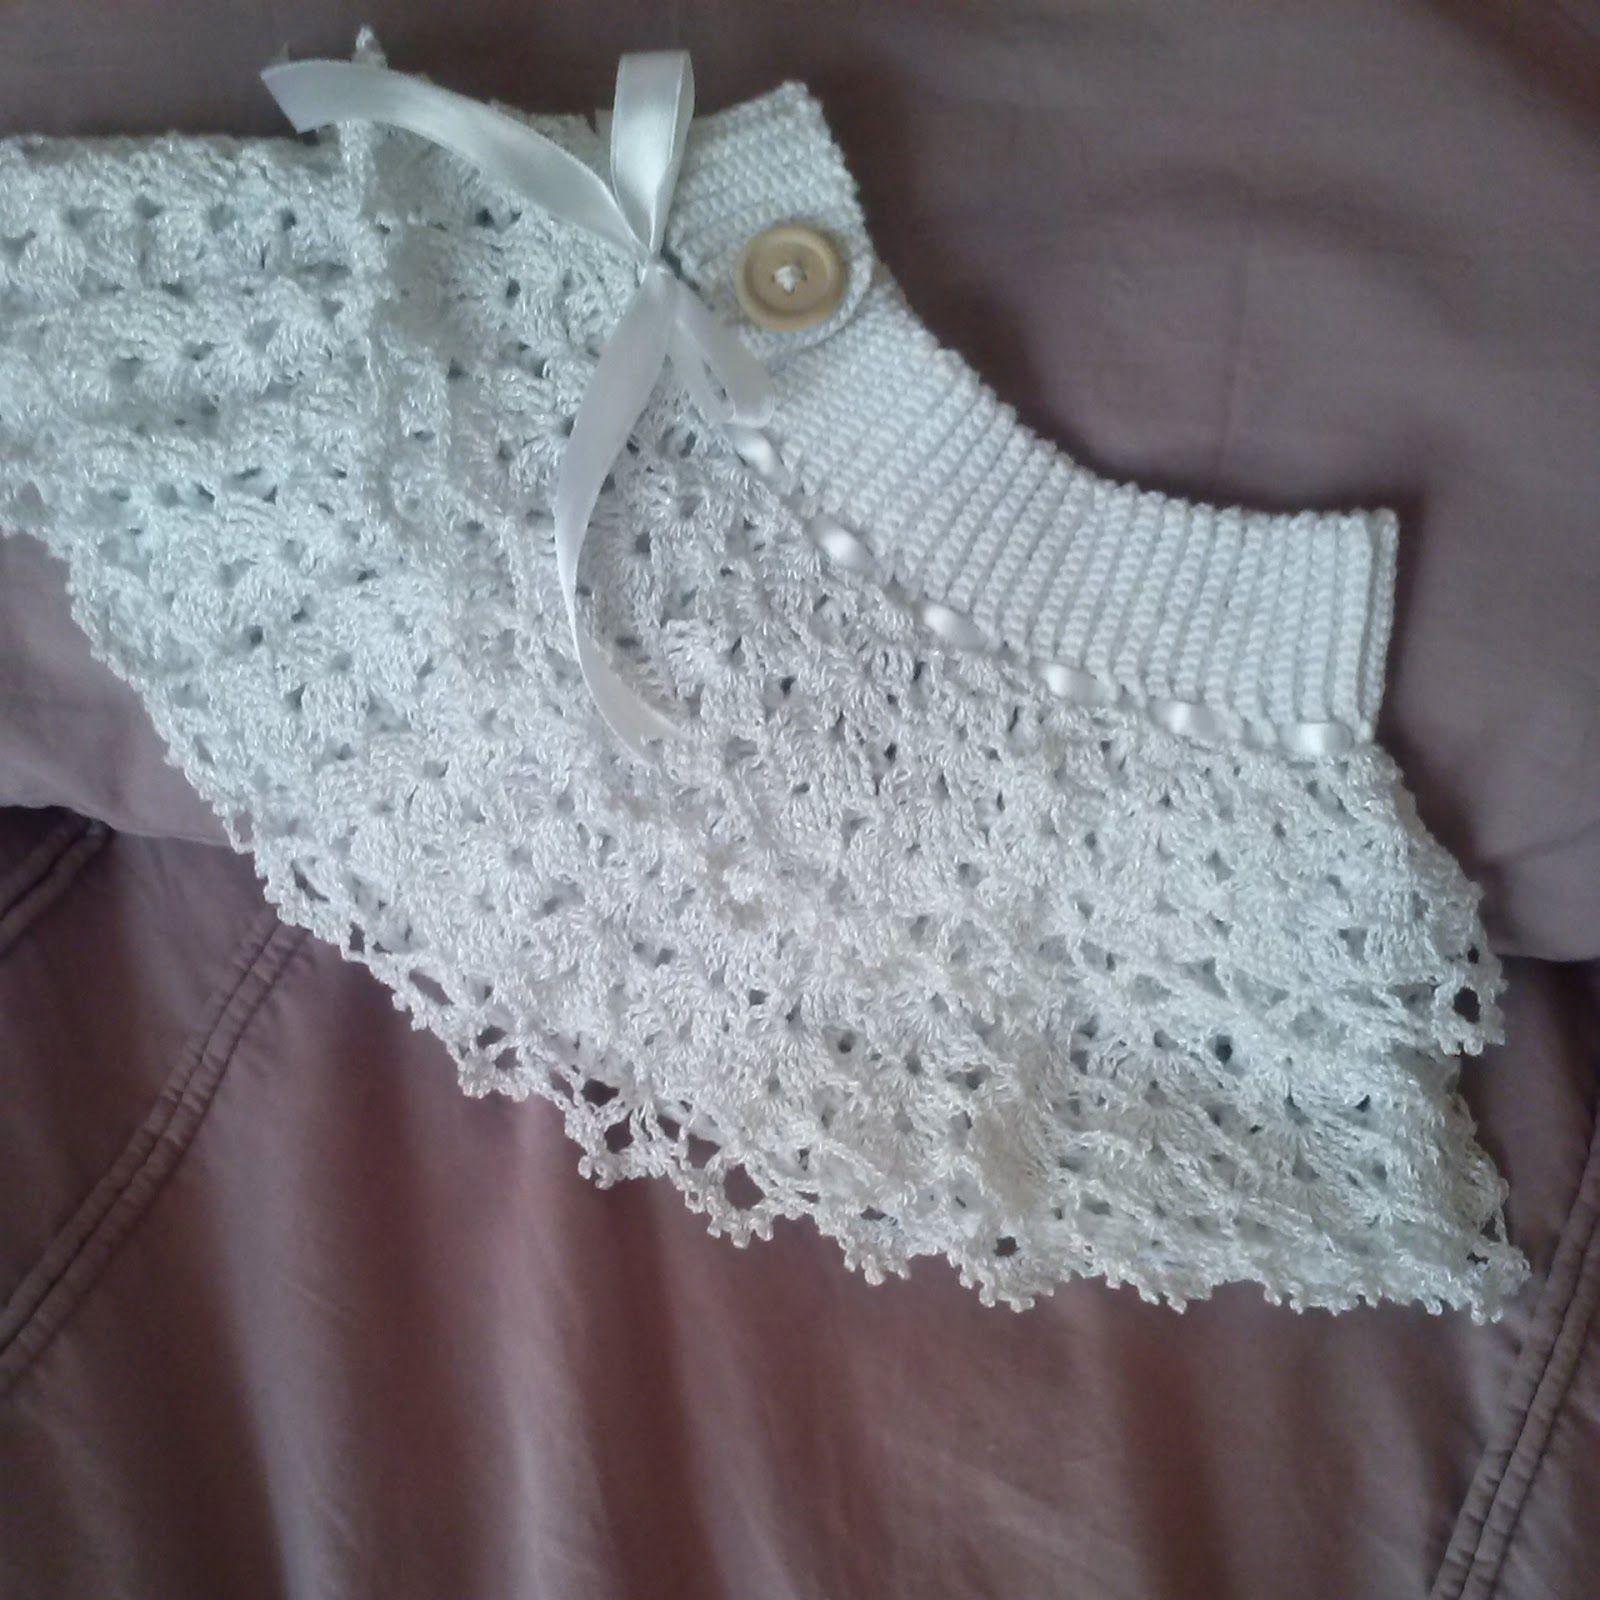 Crochet Ruffled Baby Dress Pattern : The Zen Crocheter: Crochet ruffled white lace baby girl ...